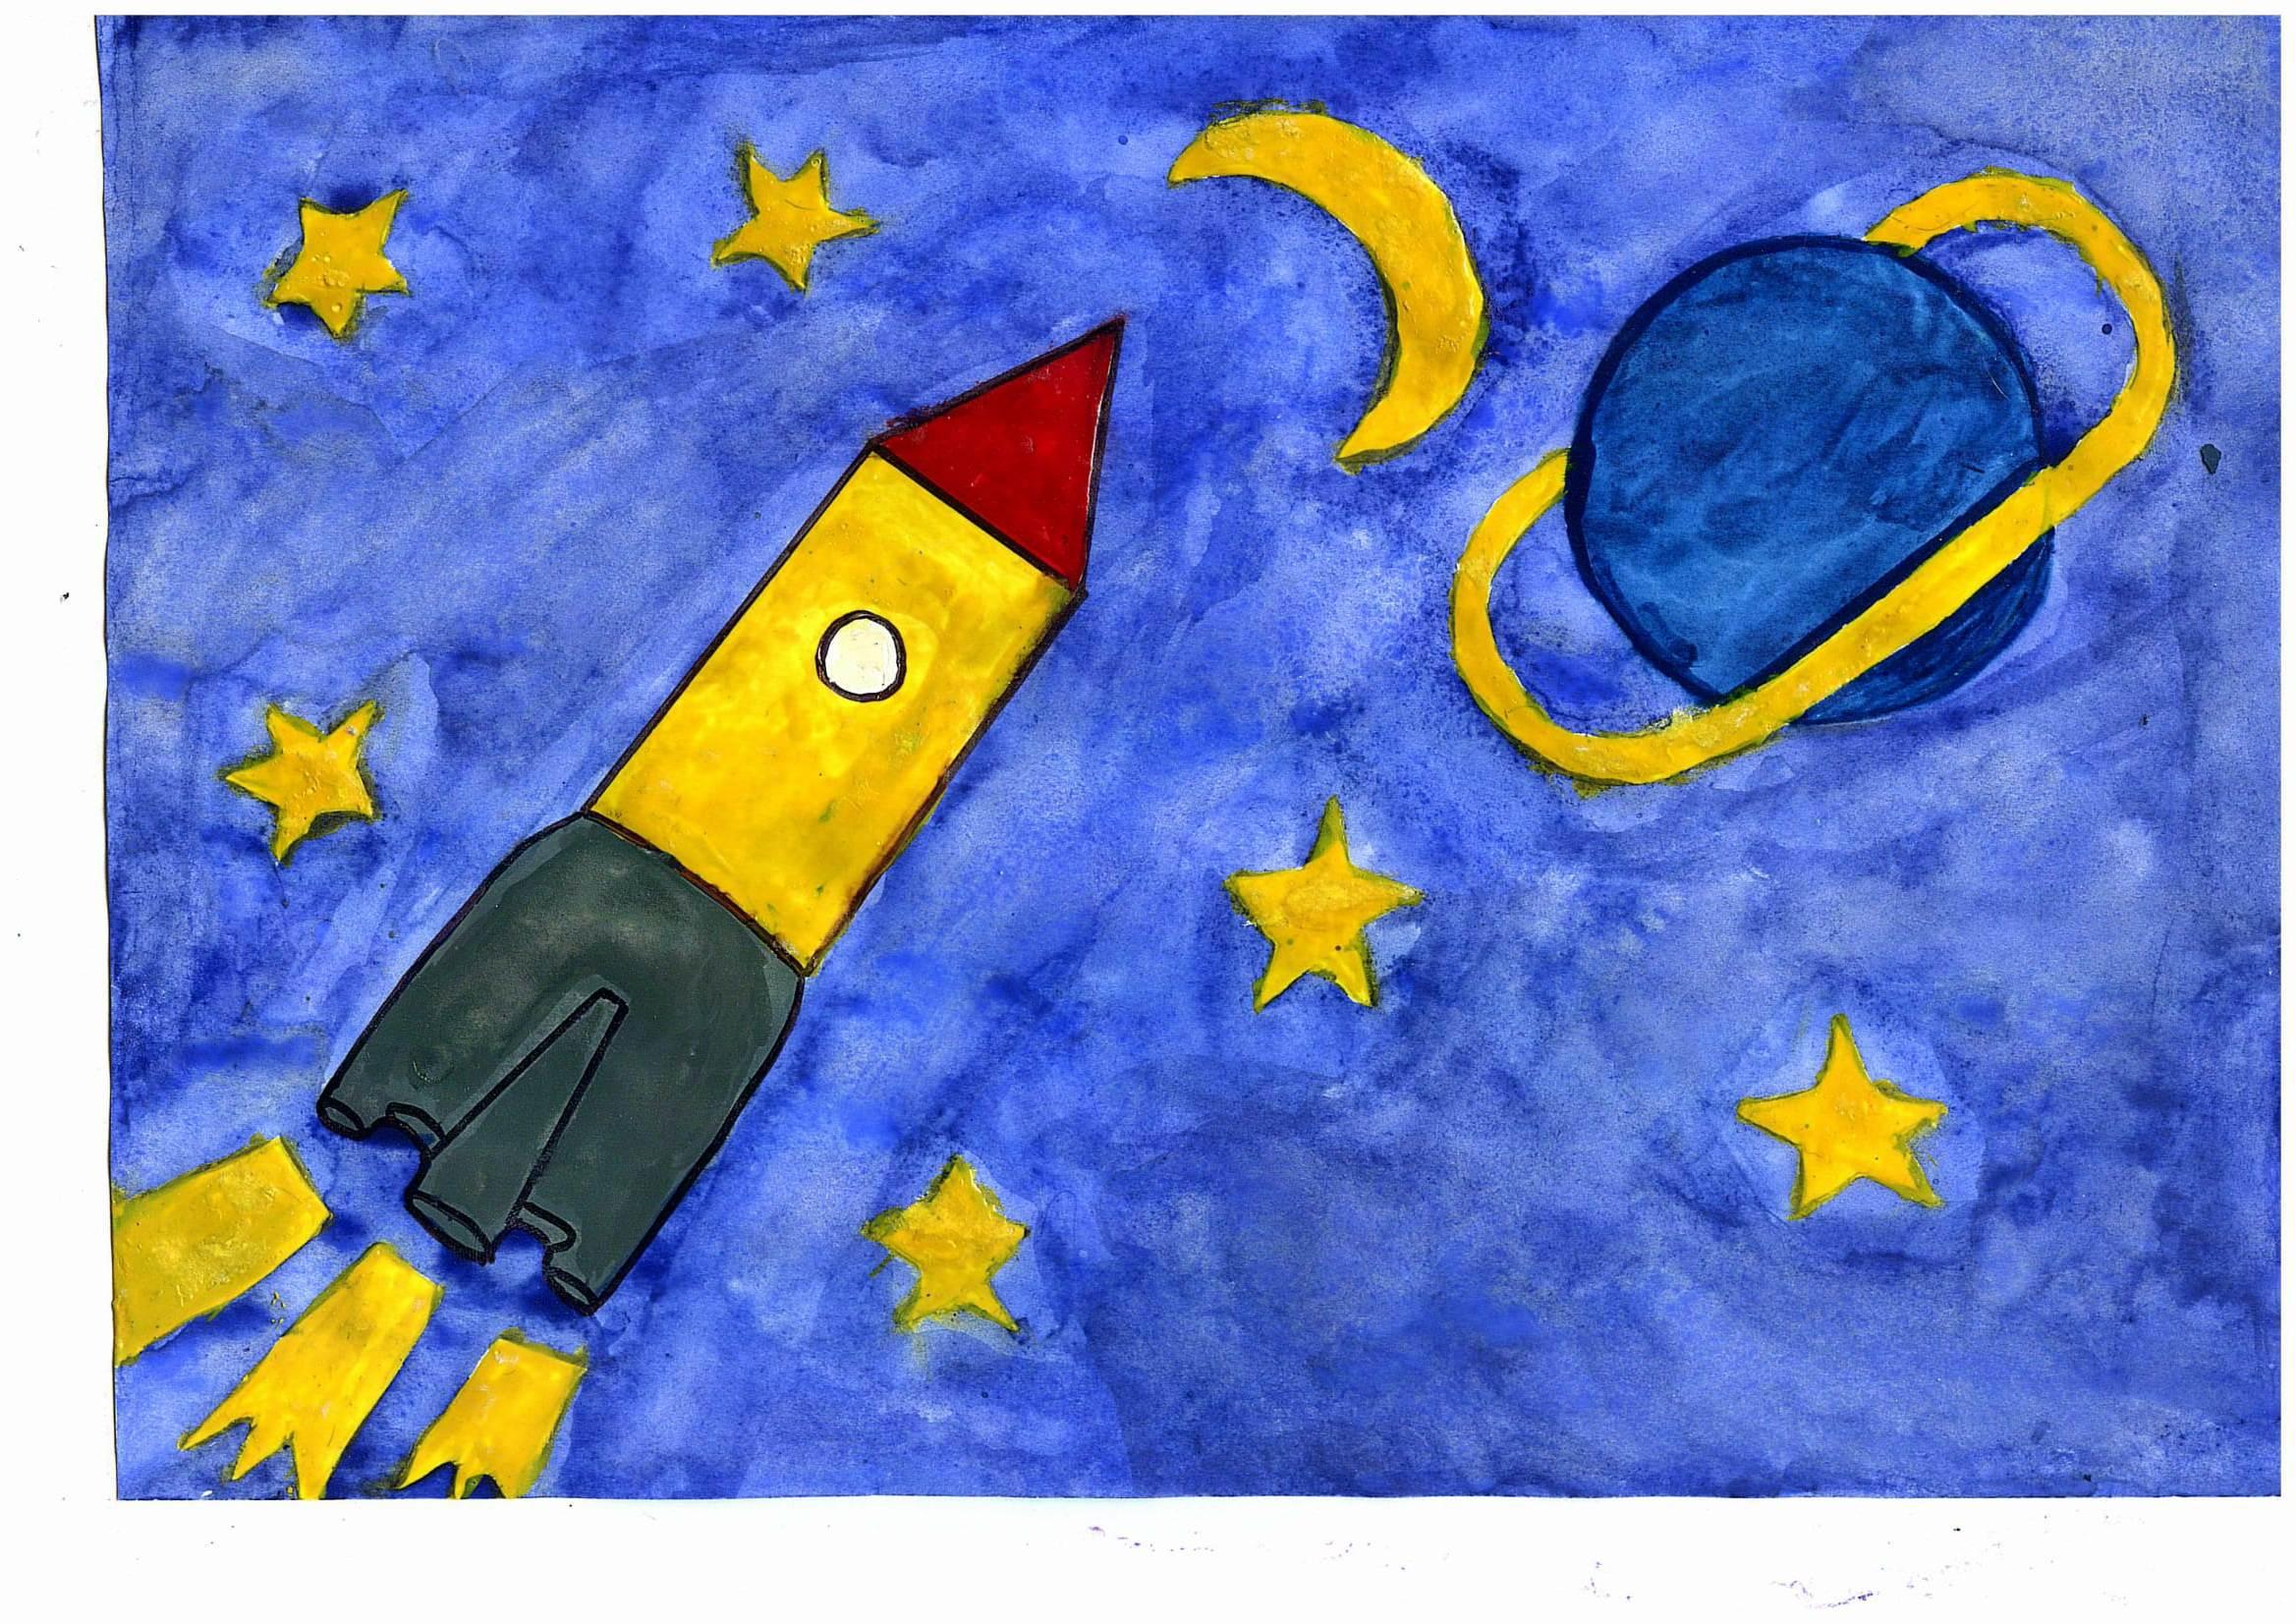 Поделки на тему космос - конкурс к Дню космонавтики 2018 36